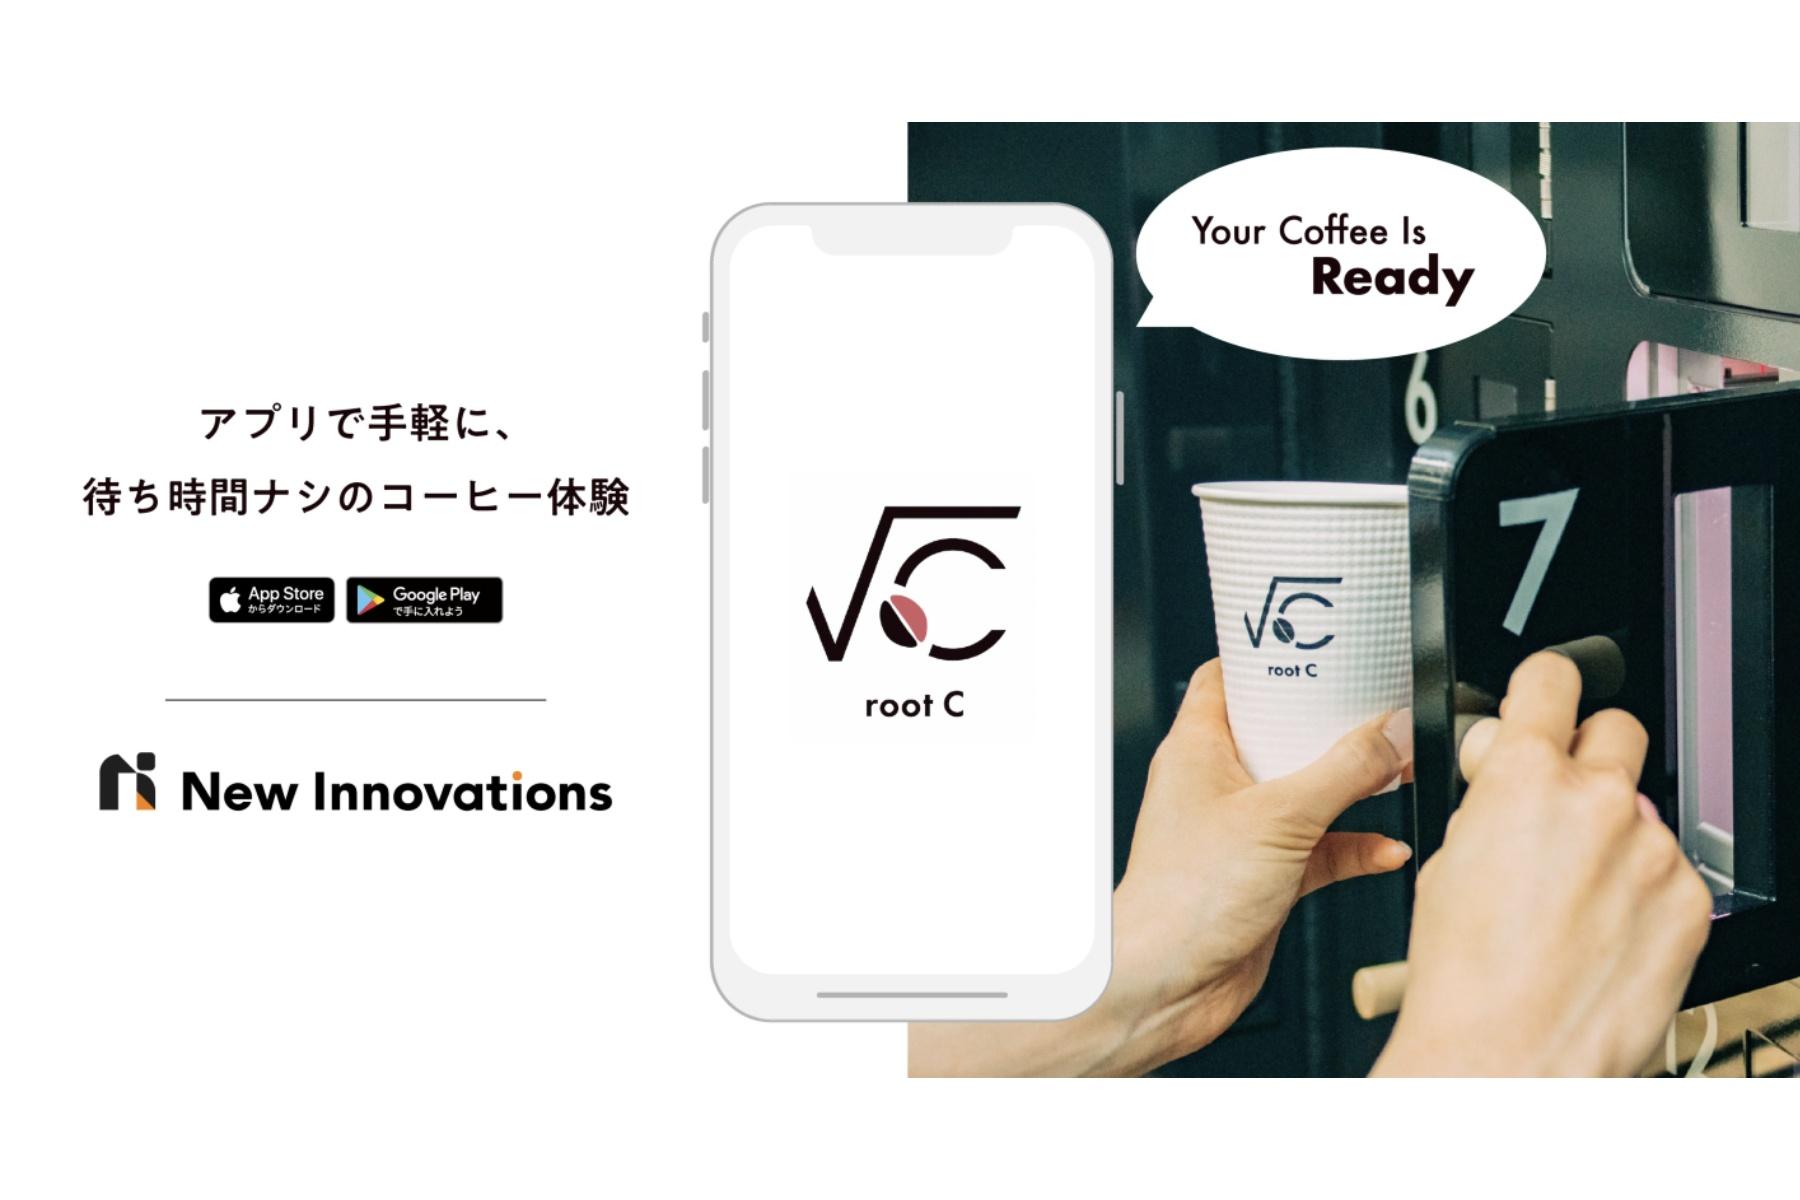 AIカフェロボット「root C(ルートシー)」を開発するNew Innovations、1.7億円の資金調達を実施